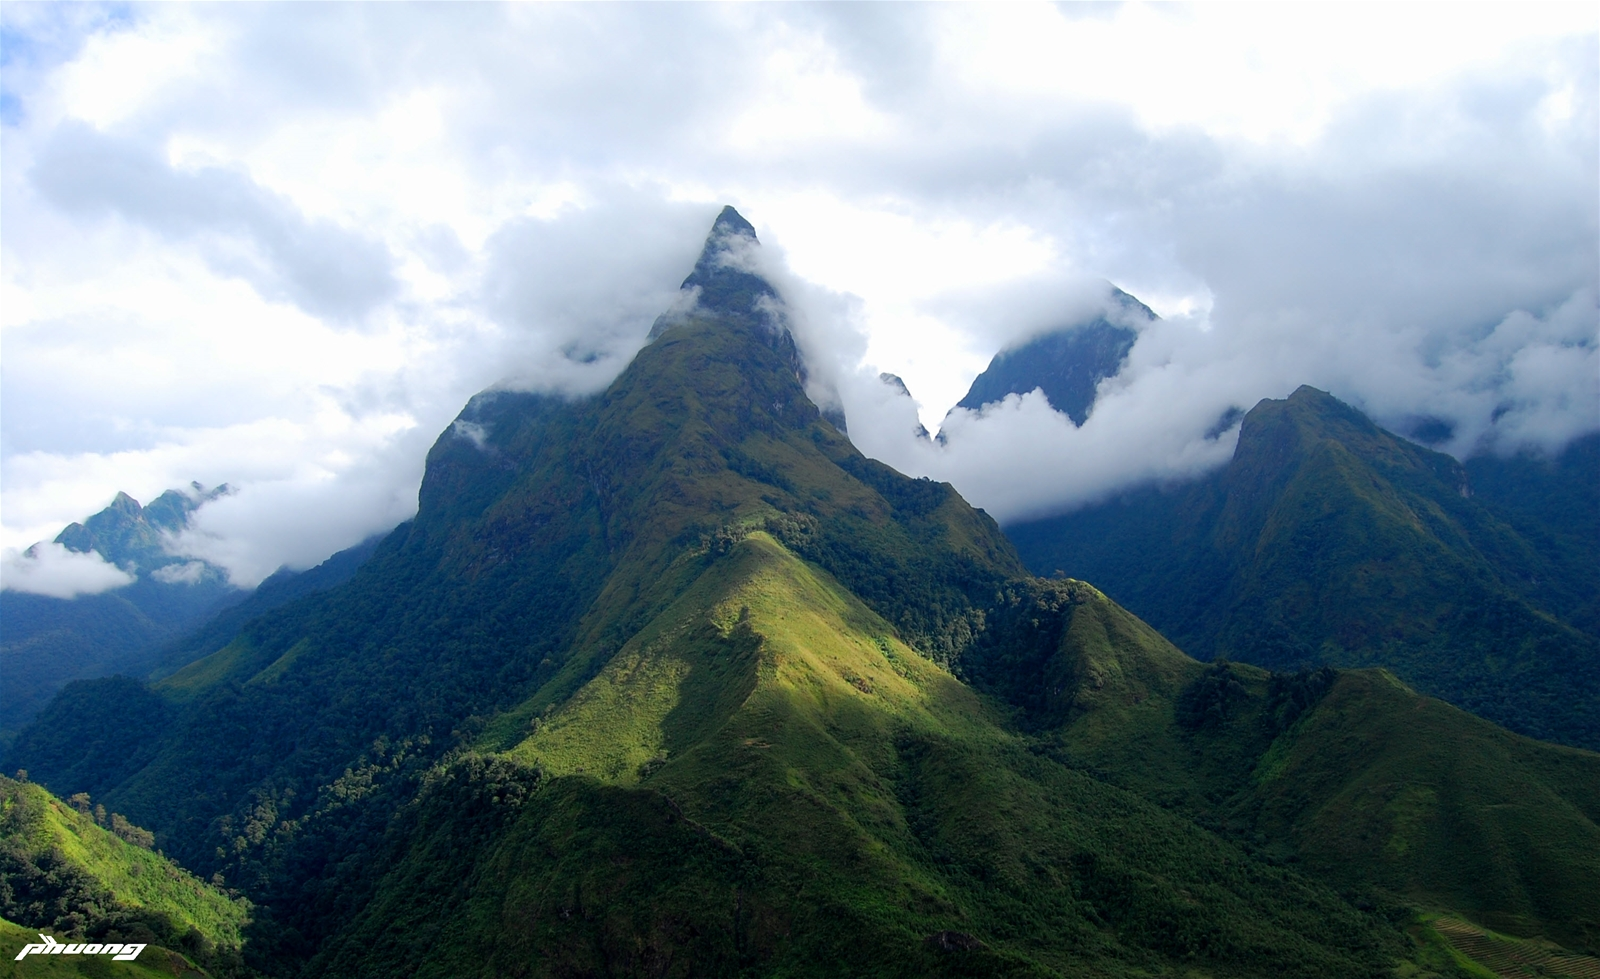 Trekking Tây Côn Lĩnh: Chinh phục đỉnh núi cao nhất vùng Đông Bắc